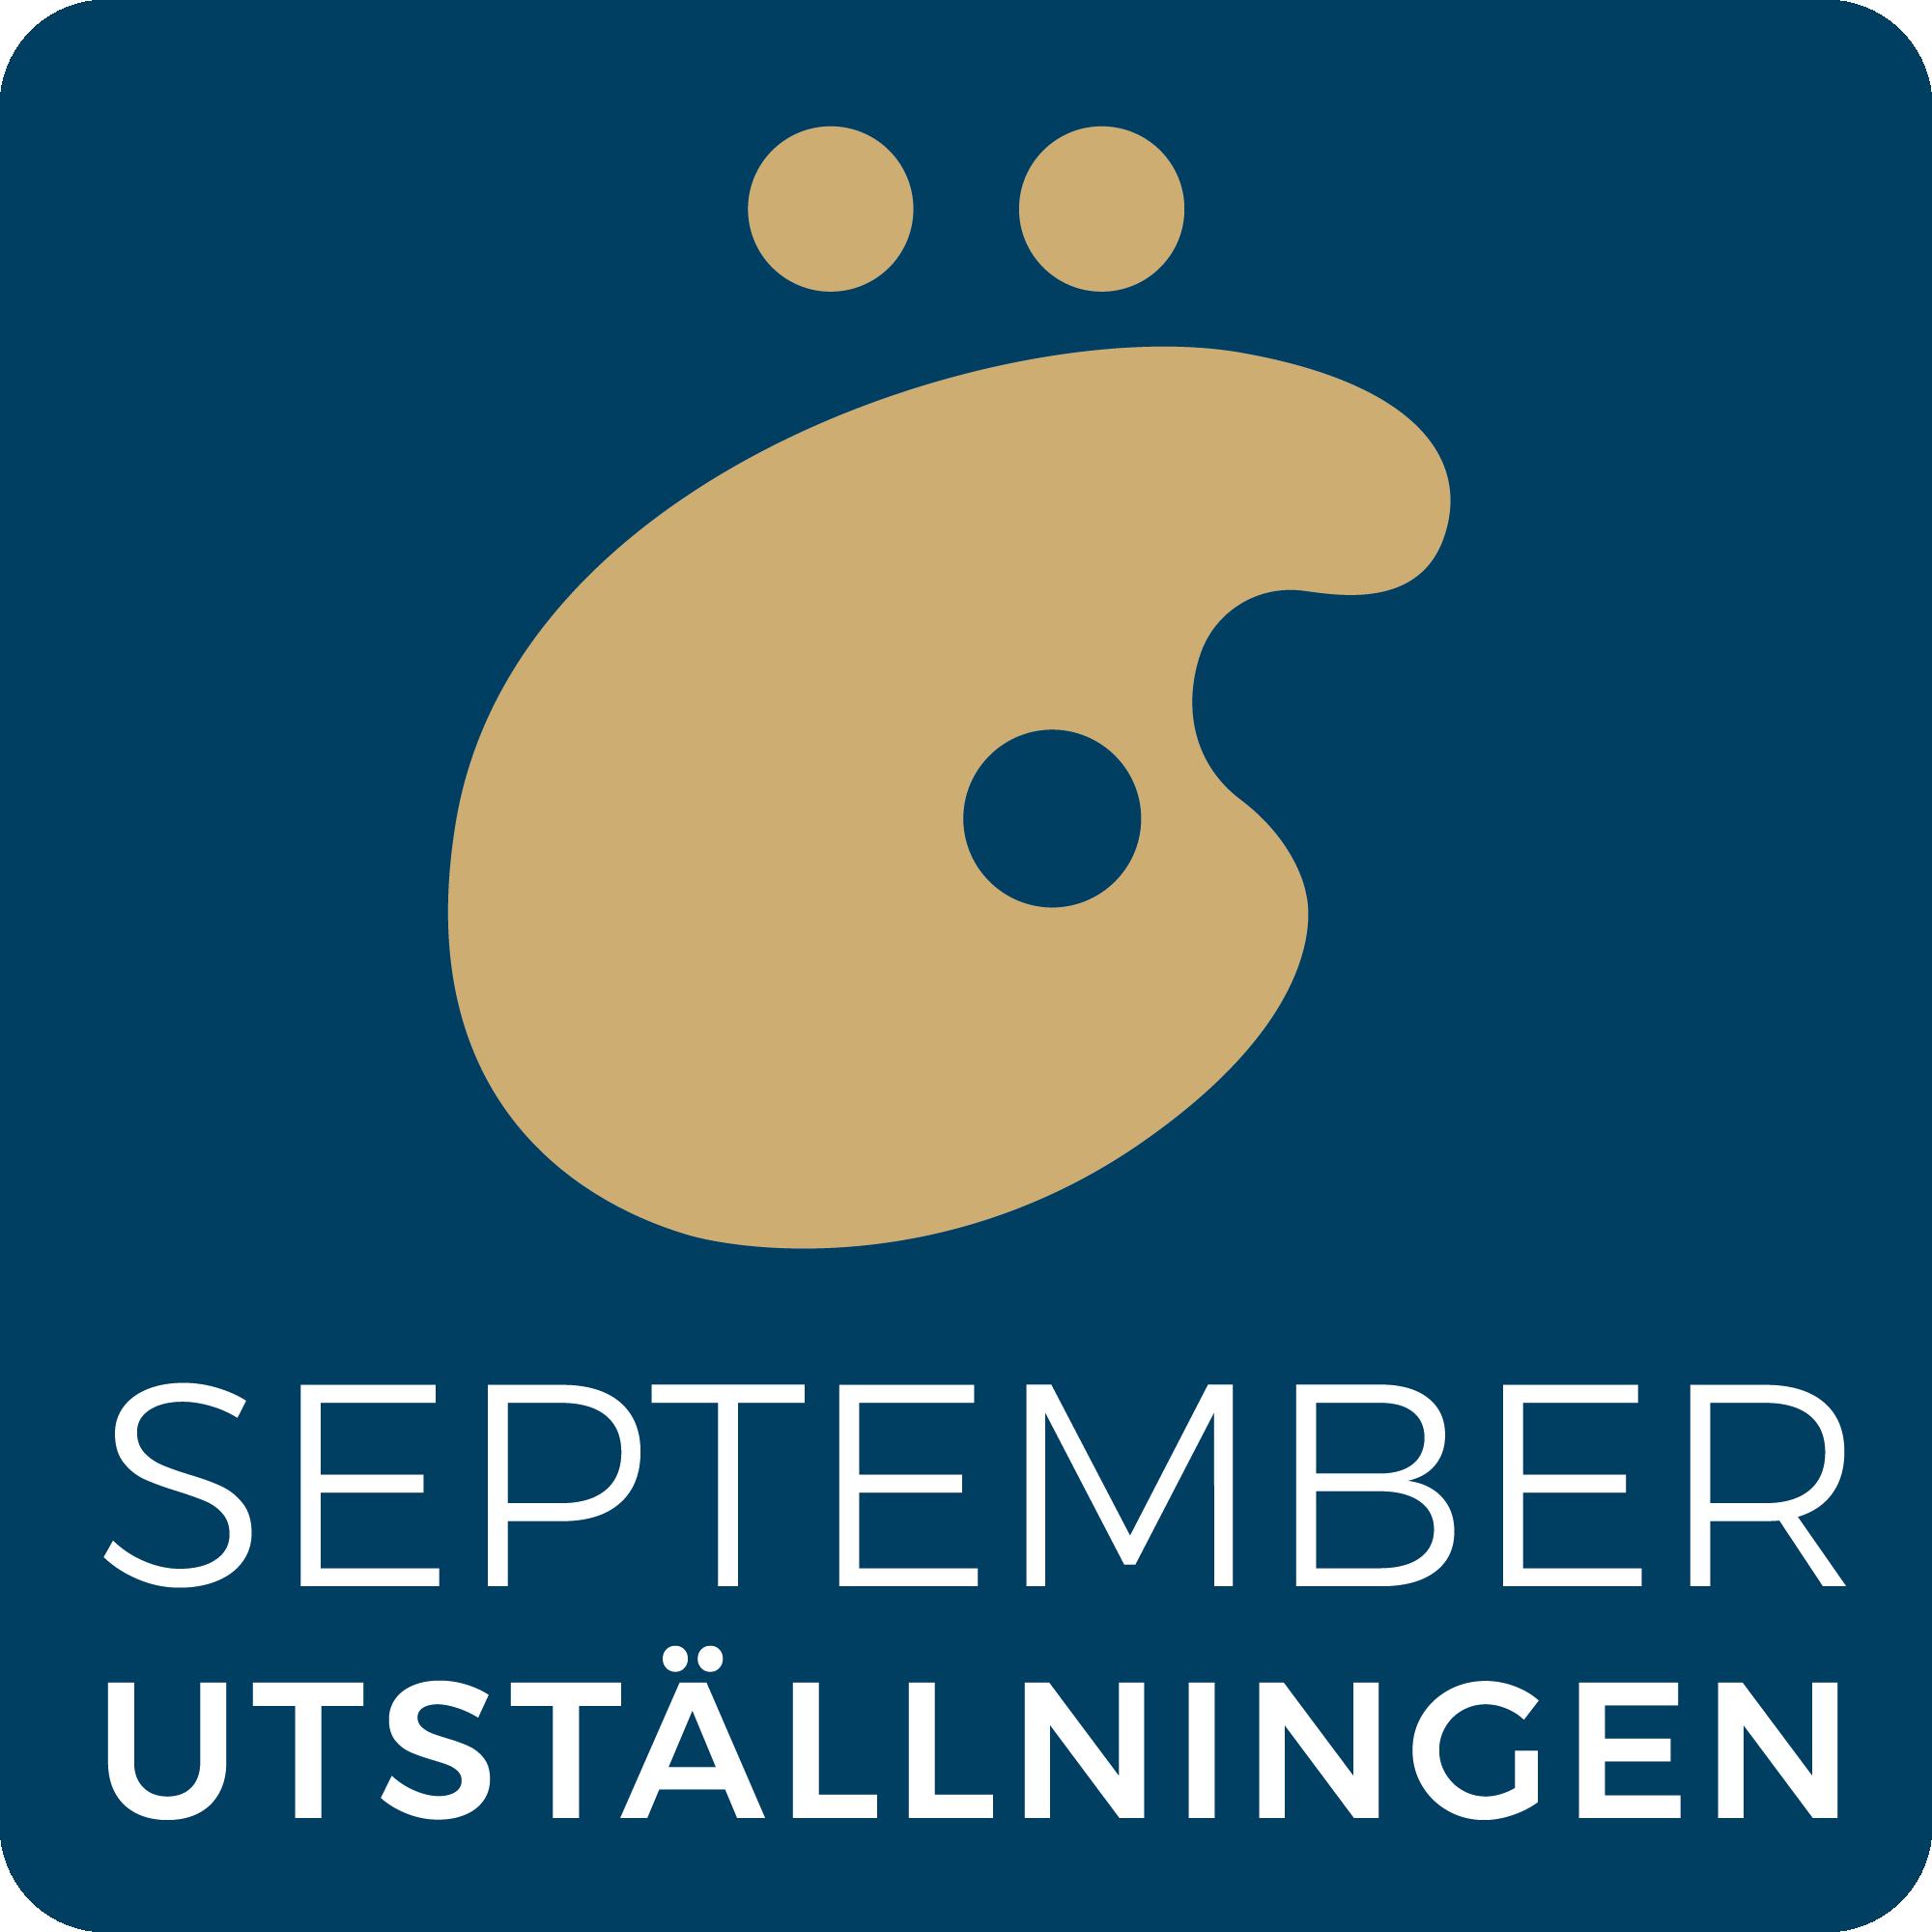 septemberutställningen logo